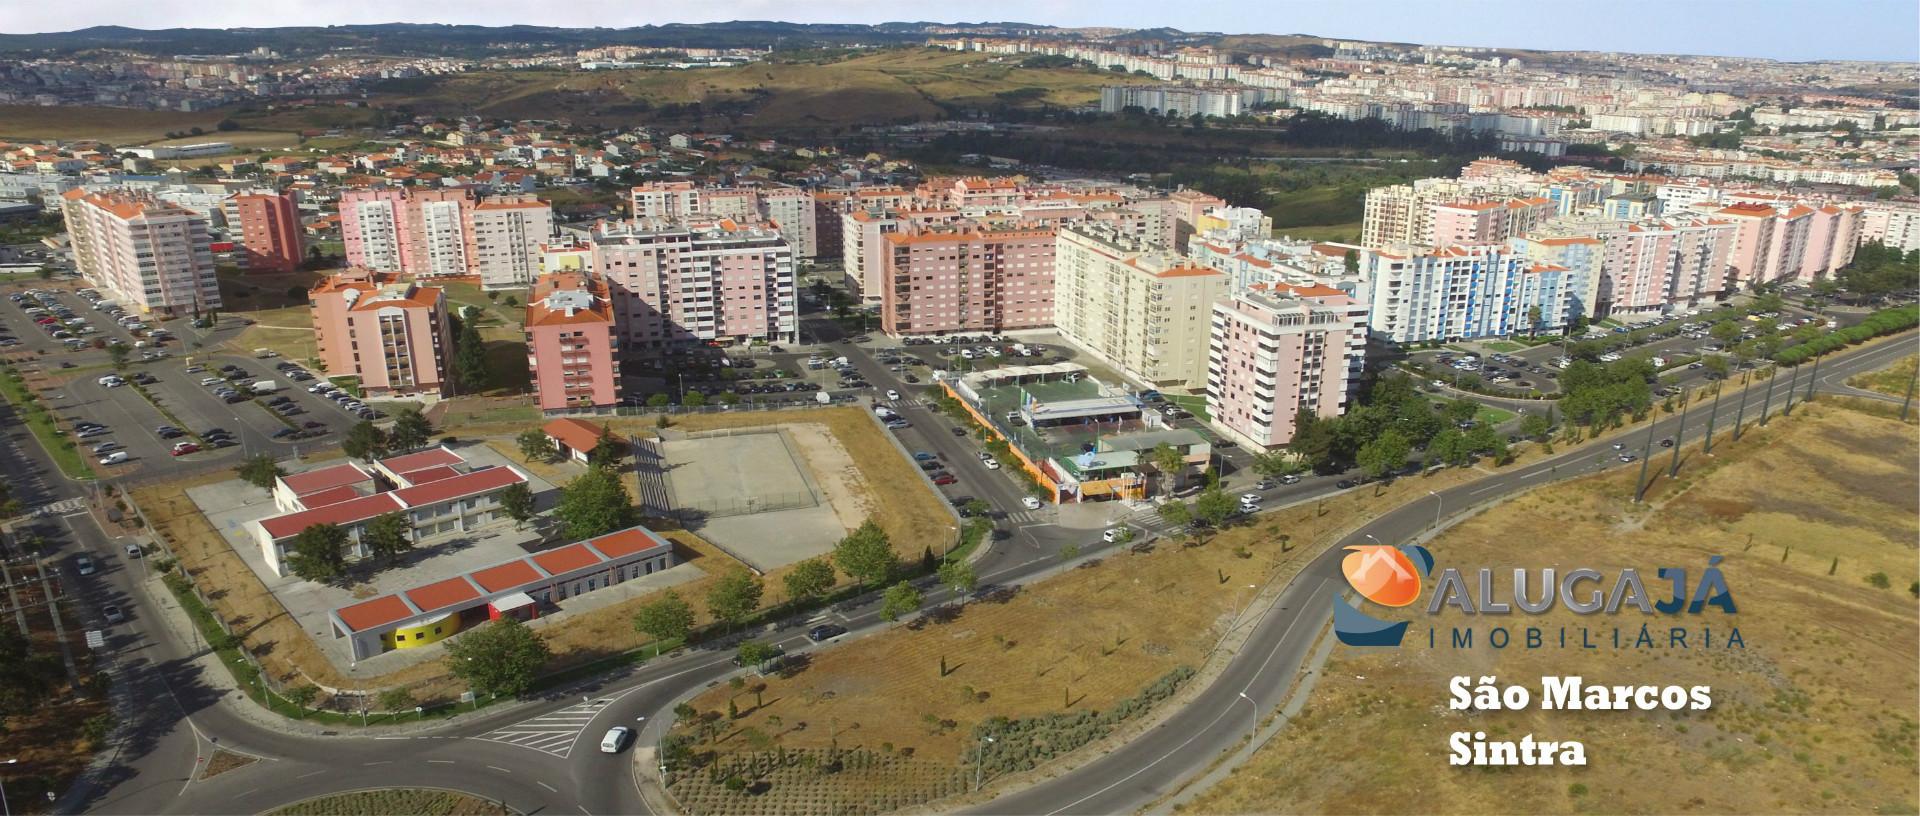 Agência imobiliária sediada há 9 anos na urbanização de São Marcos